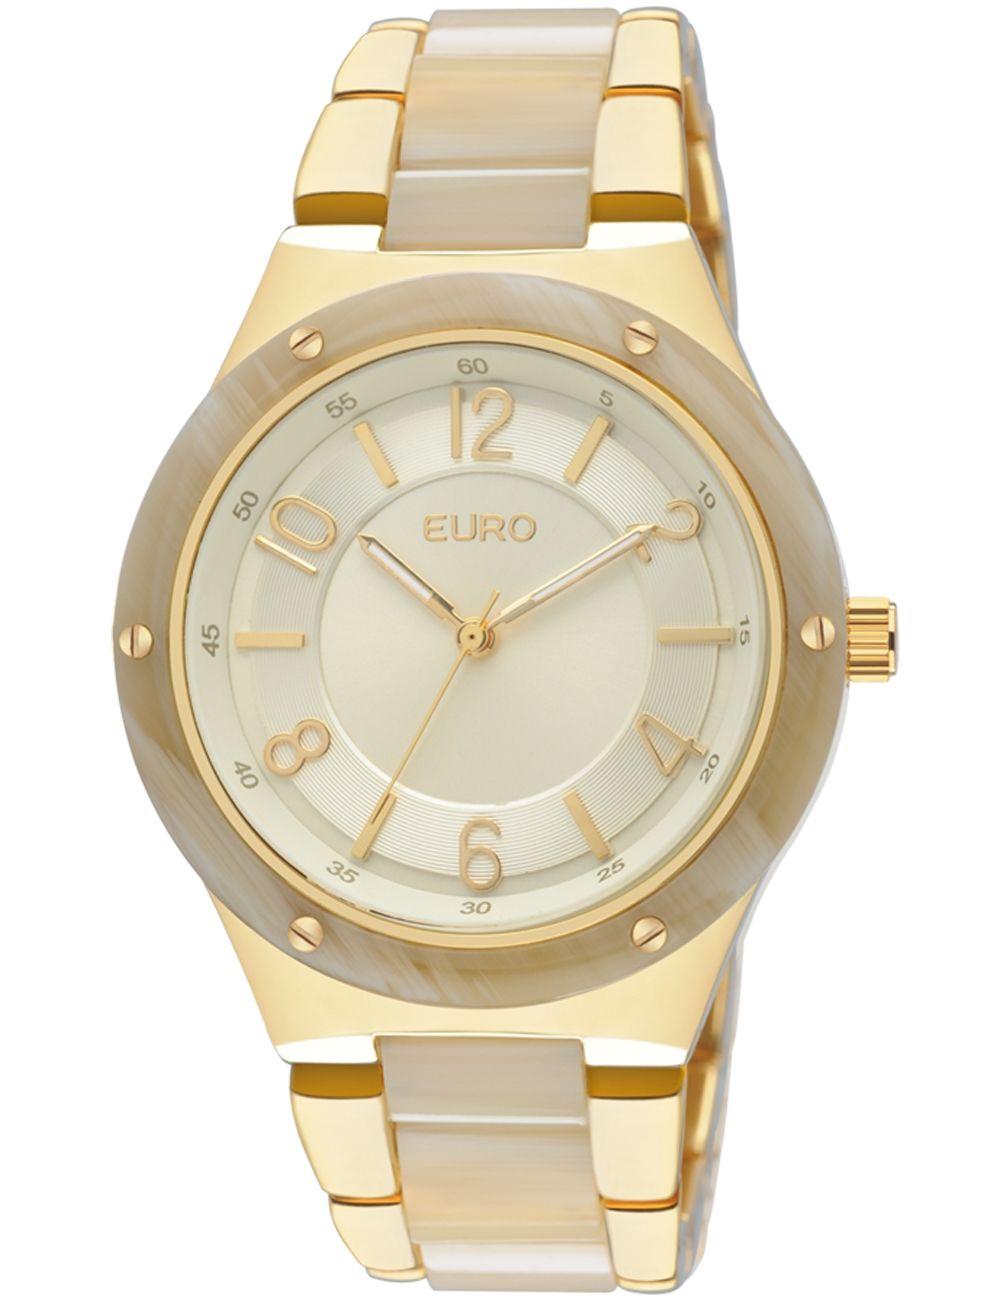 725107c570f Relógio Feminino Analógico Euro Breslau EU2035TG 4D - Dourado - Relógios no  E-Euro